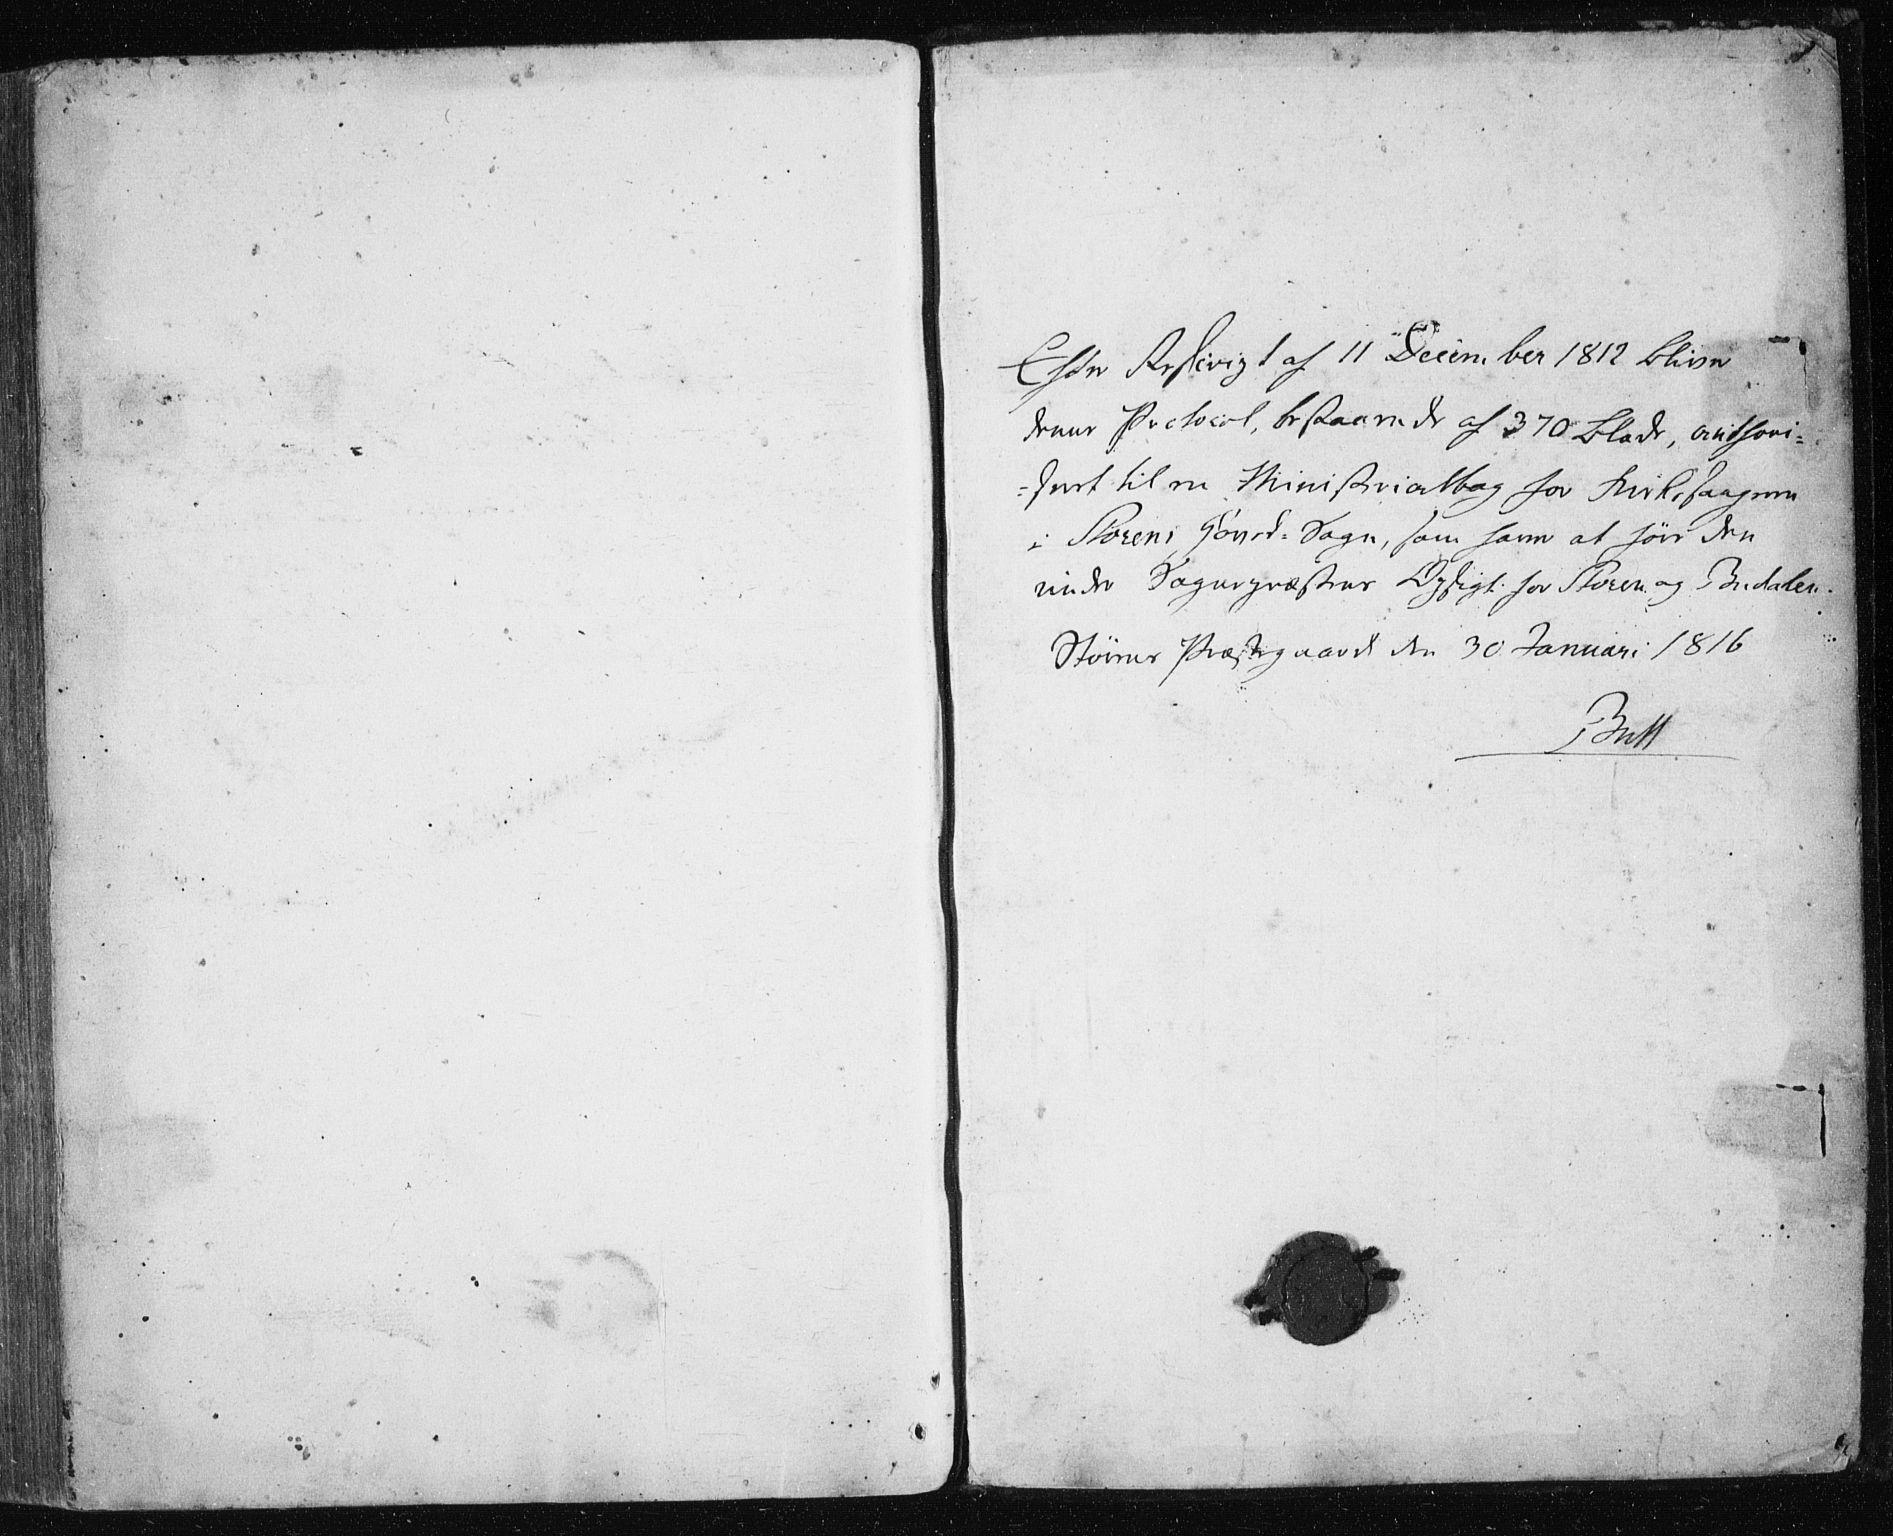 SAT, Ministerialprotokoller, klokkerbøker og fødselsregistre - Sør-Trøndelag, 687/L1017: Klokkerbok nr. 687C01, 1816-1837